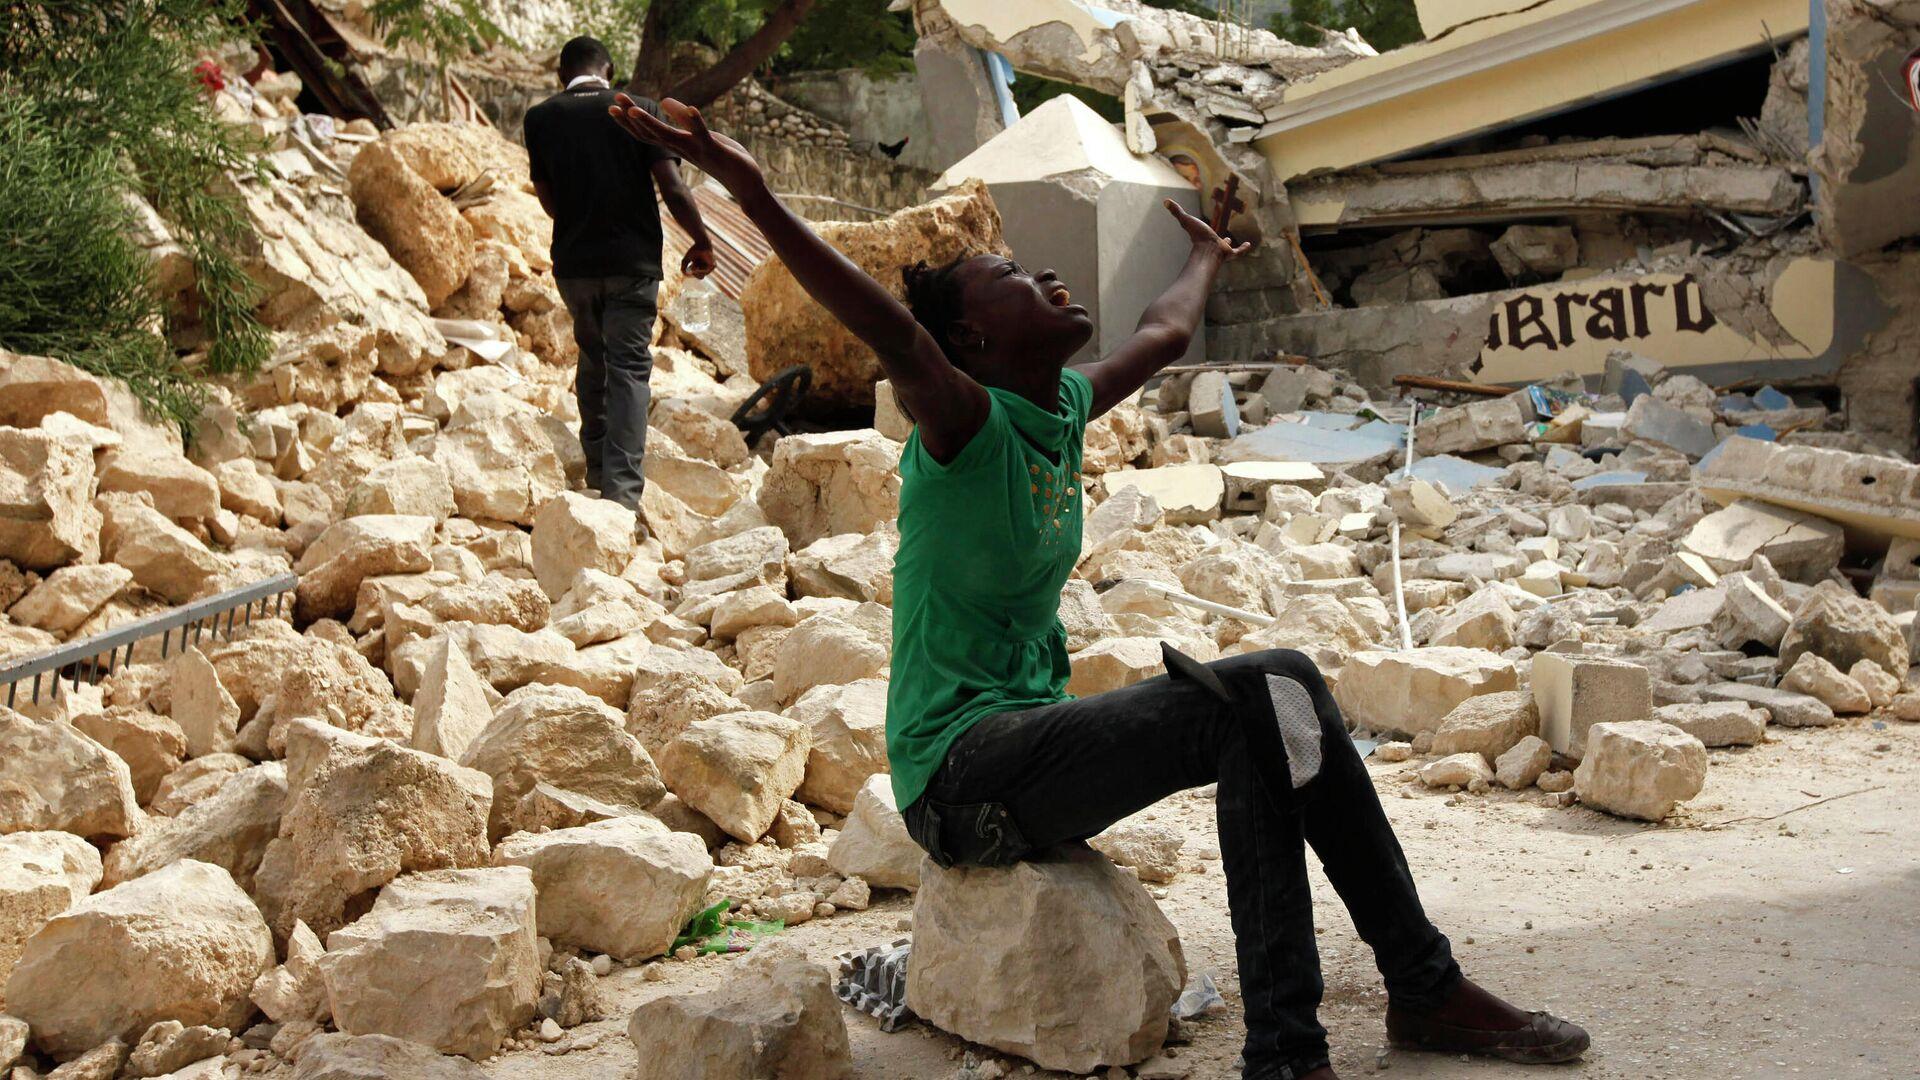 Las consecuencias del devastador terremoto de 2010 en Haití - Sputnik Mundo, 1920, 04.10.2021